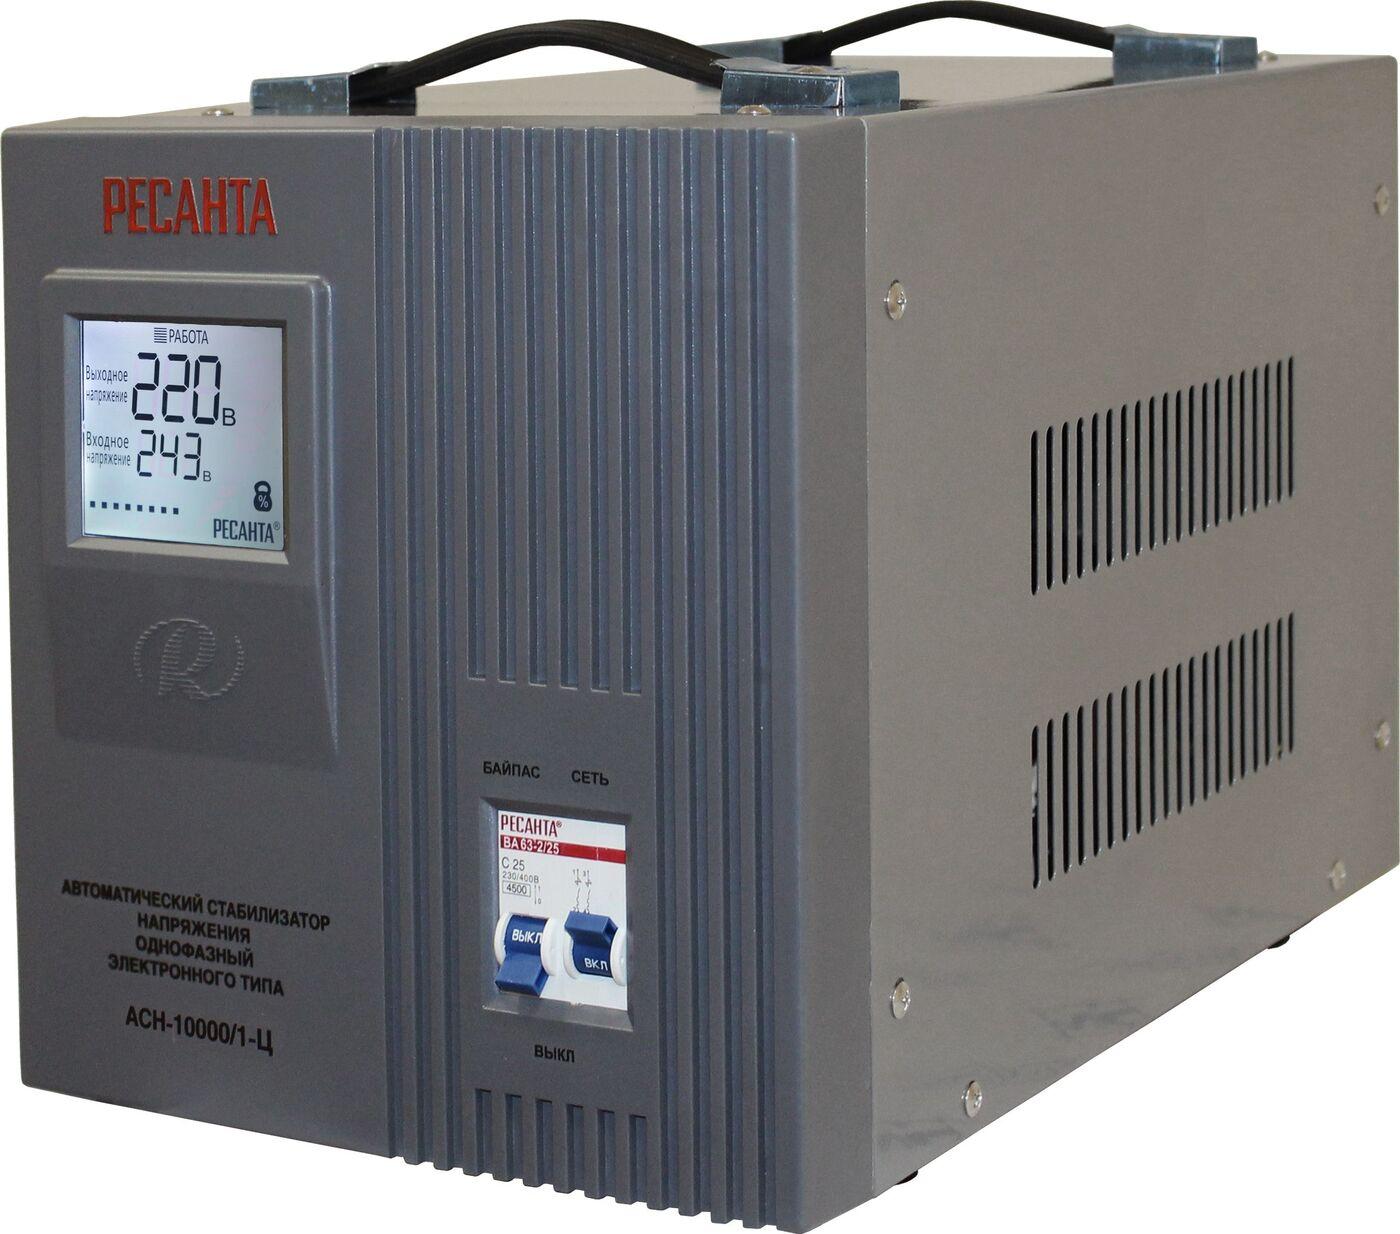 Стабилизатор напряжения Ресанта АСН-10 000/1-Ц стабилизаторы напряжения